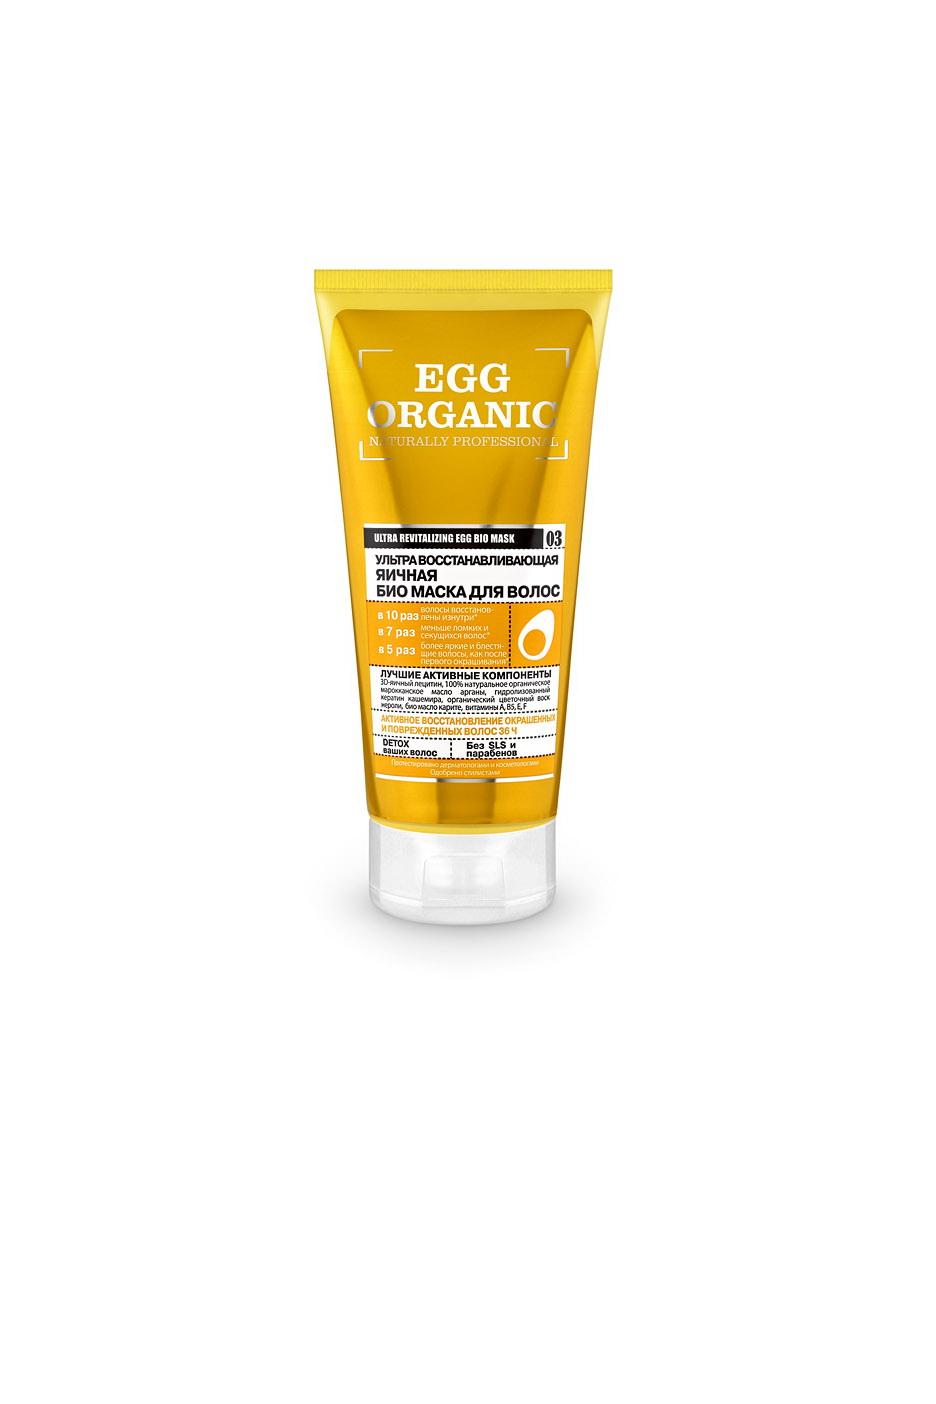 Оrganic Shop Naturally Professional Био-маска для волос Ультра Восстанавливающая, яичная, 200 млA83975003D-яичный лецитин эффективно залечивает структурные повреждения, восстанавливая волосы изнутри. 100% натуральные органические масла арганы и био-масло карите глубоко питают ослабленные и поврежденные волосы, обеспечивают надежную защиту от термо и УФ воздействий. Гидролизованный кератин кашемира устраняет ломкость и сечение волос, интенсивно укрепляет. Органический цветочный воск нероли придает волосам гладкость, зеркальный блеск и усиливает яркость цвета окрашенных волос.  Товар сертифицирован.